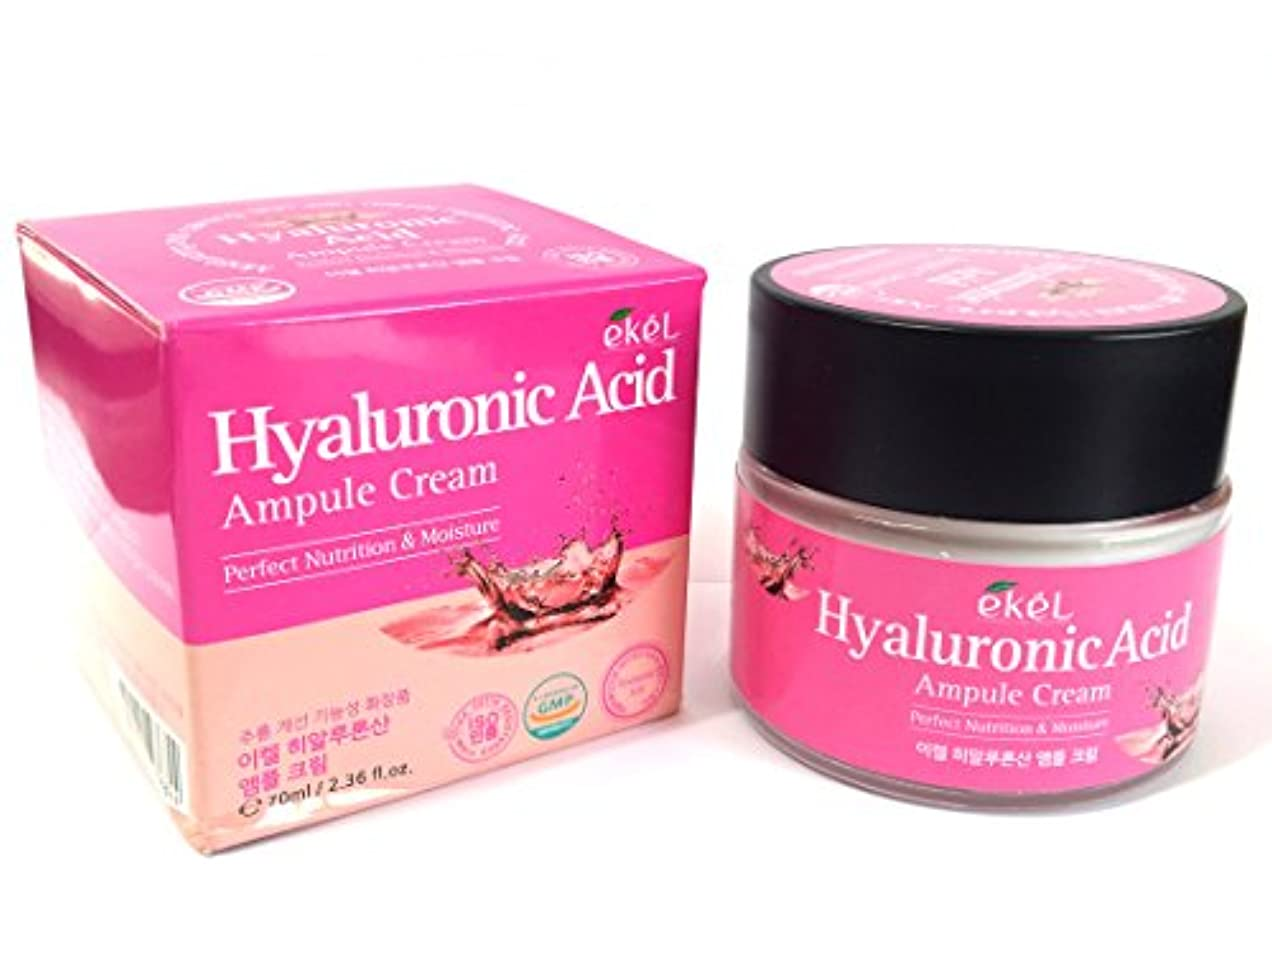 盗賊彼の統合[EKEL] ヒアルロン酸アンプルクリーム70ml / 完璧な栄養と水分 / 韓国化粧品/ Hyaluronic Acid Ampule Cream 70ml / Perfect Nutrition & Moisture...